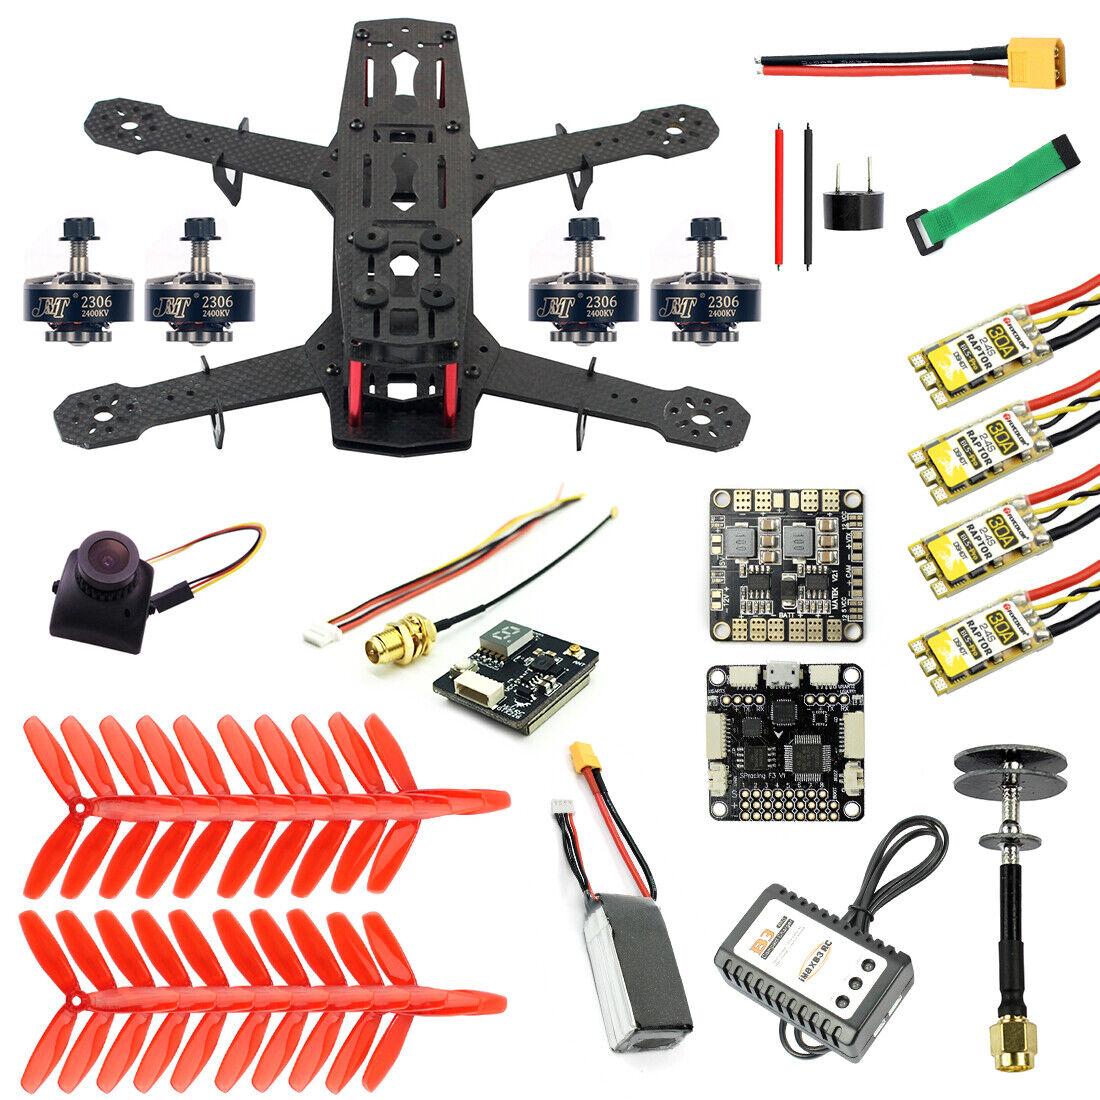 JMT 250 HÁGALO USTED MISMO Vista en primera persona Cuadricóptero Drone Kit de Cámara 250MM 11.1V 1500MAH 40C Batería